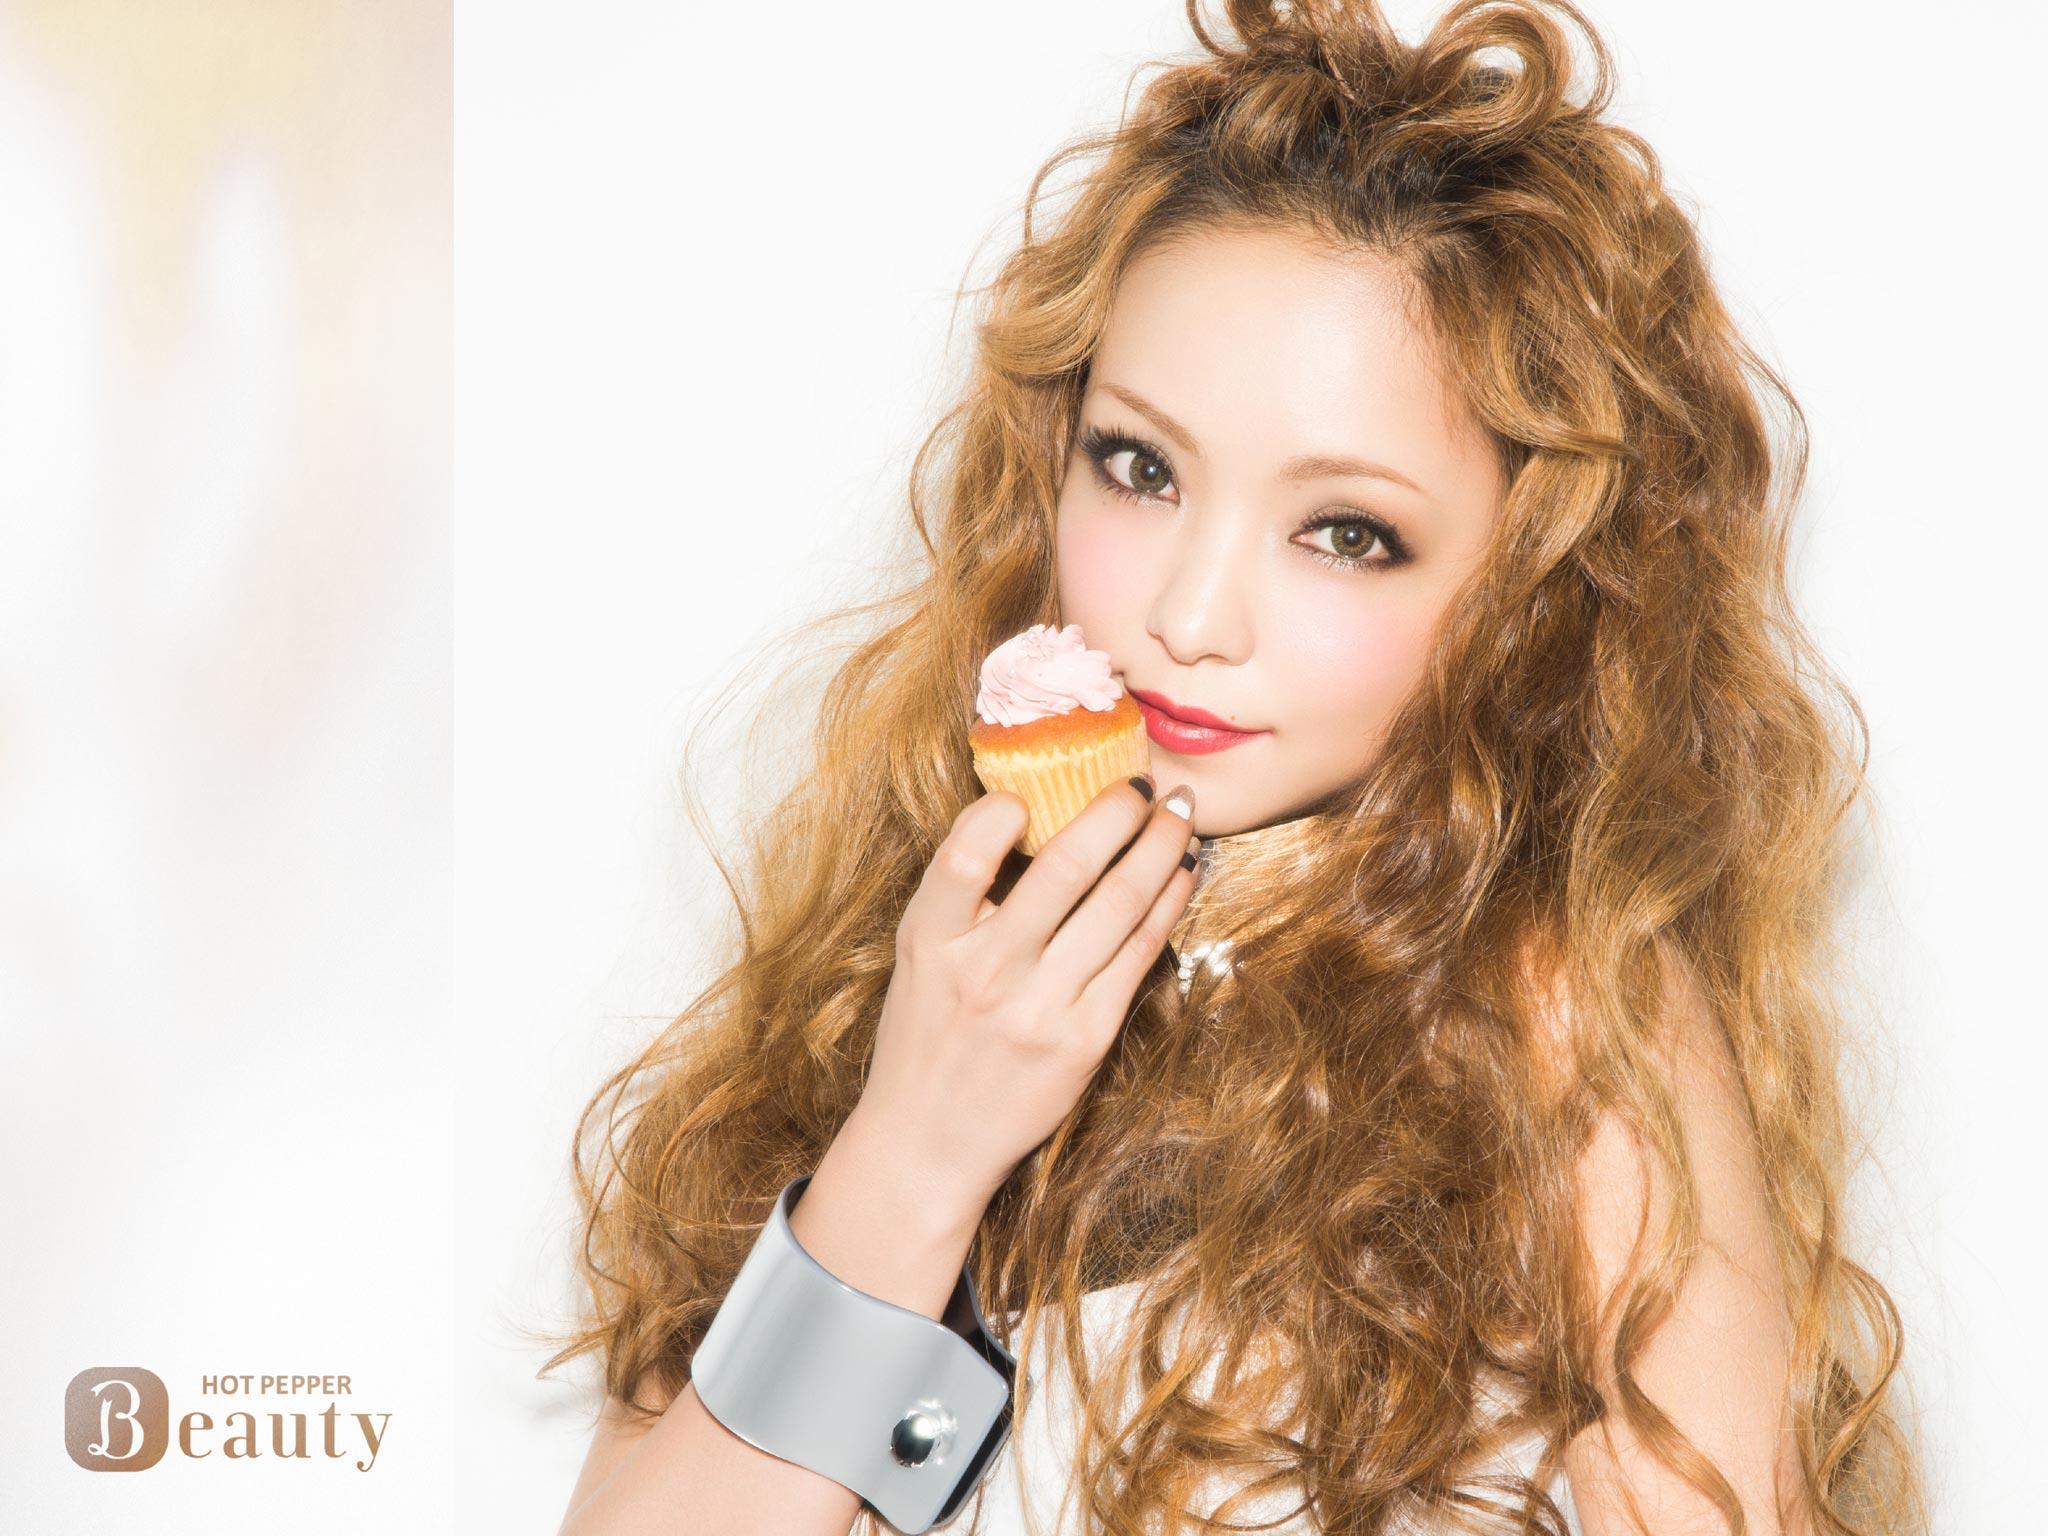 歌の女王・安室奈美恵のミリオンセラーがすごい!人気曲は??のサムネイル画像